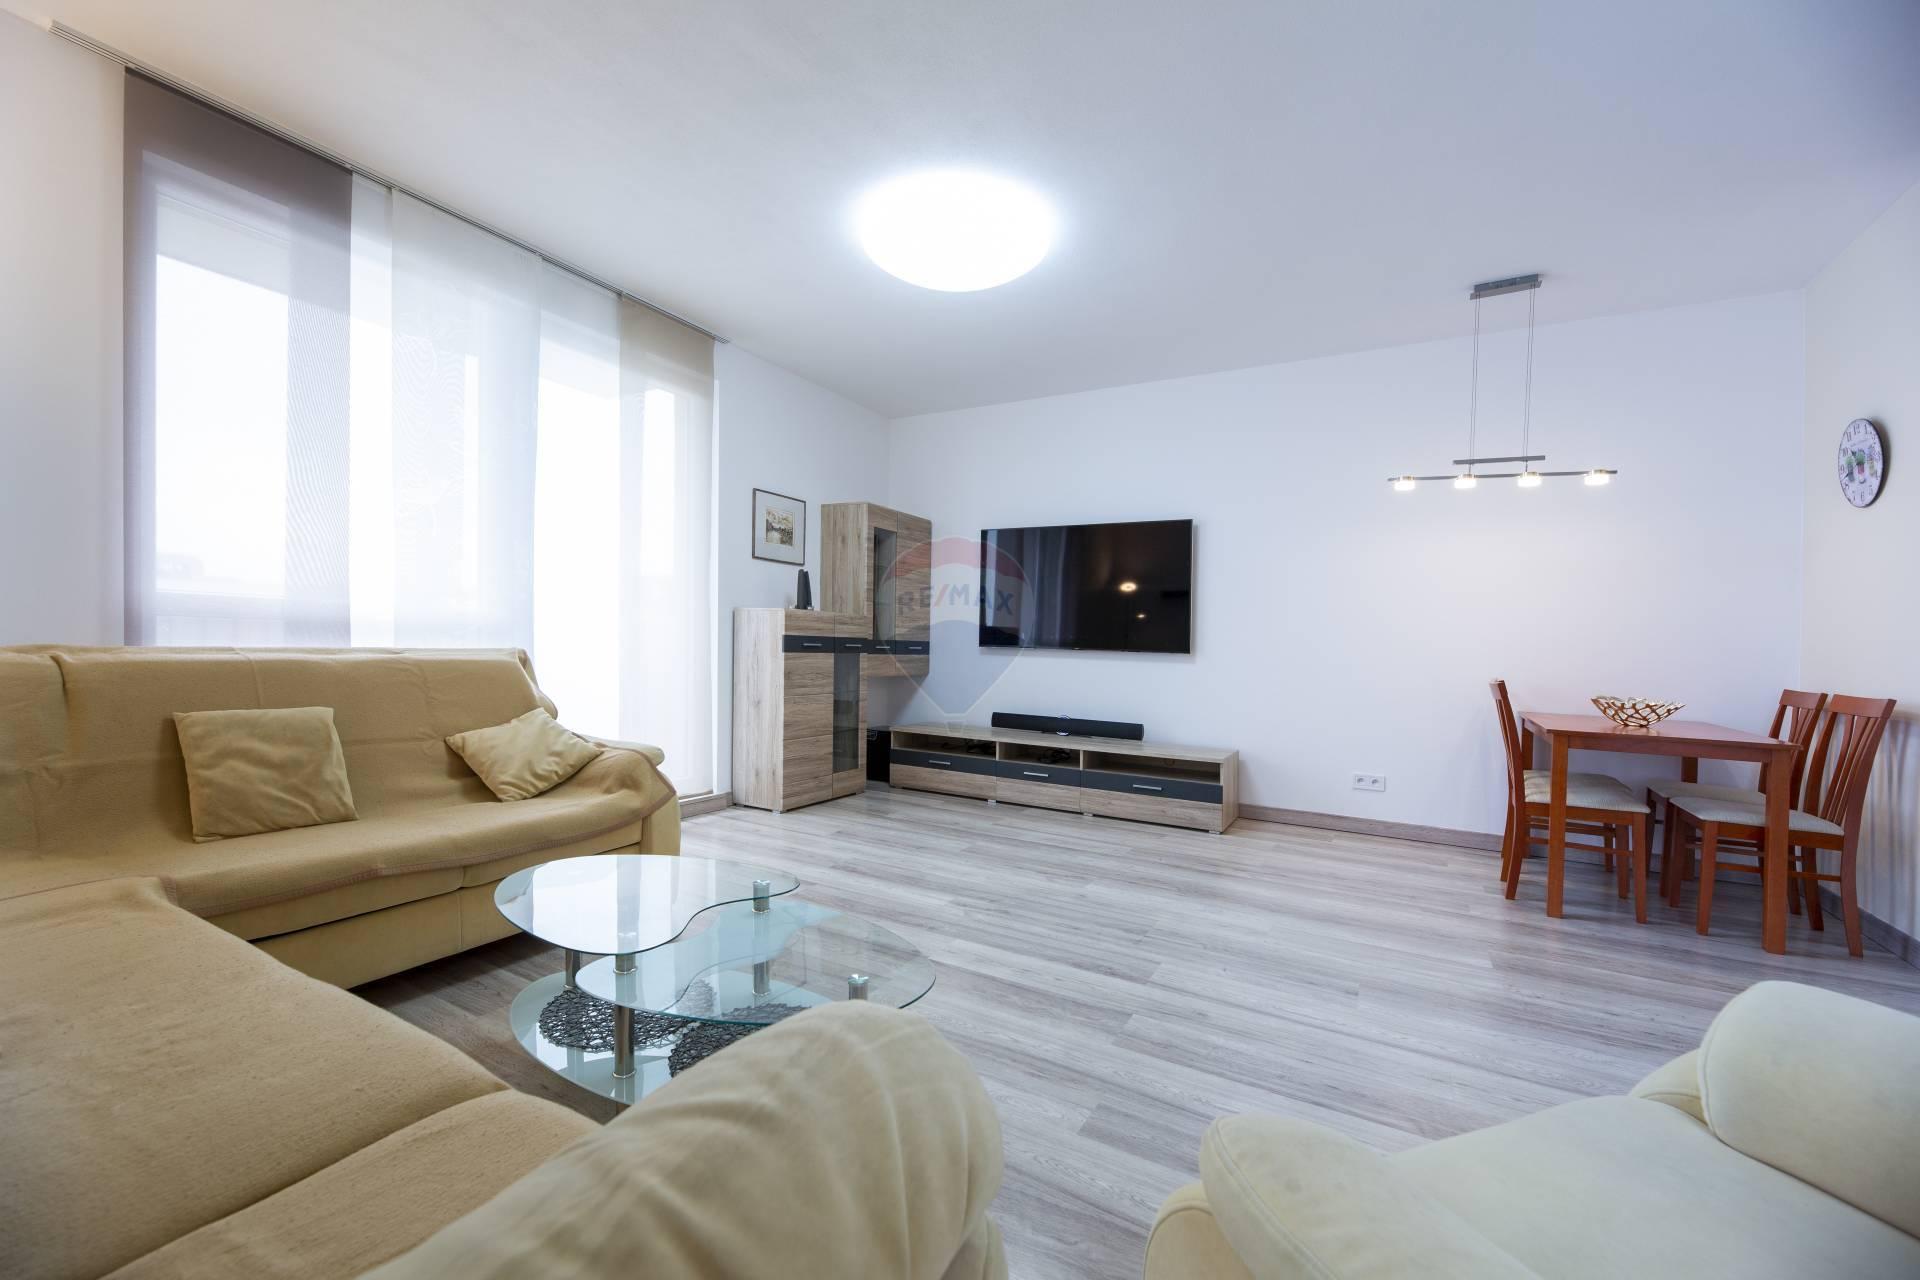 Prenájom bytu (3 izbový) 70 m2, Nitra - Prenájom 3i bytu Nitra